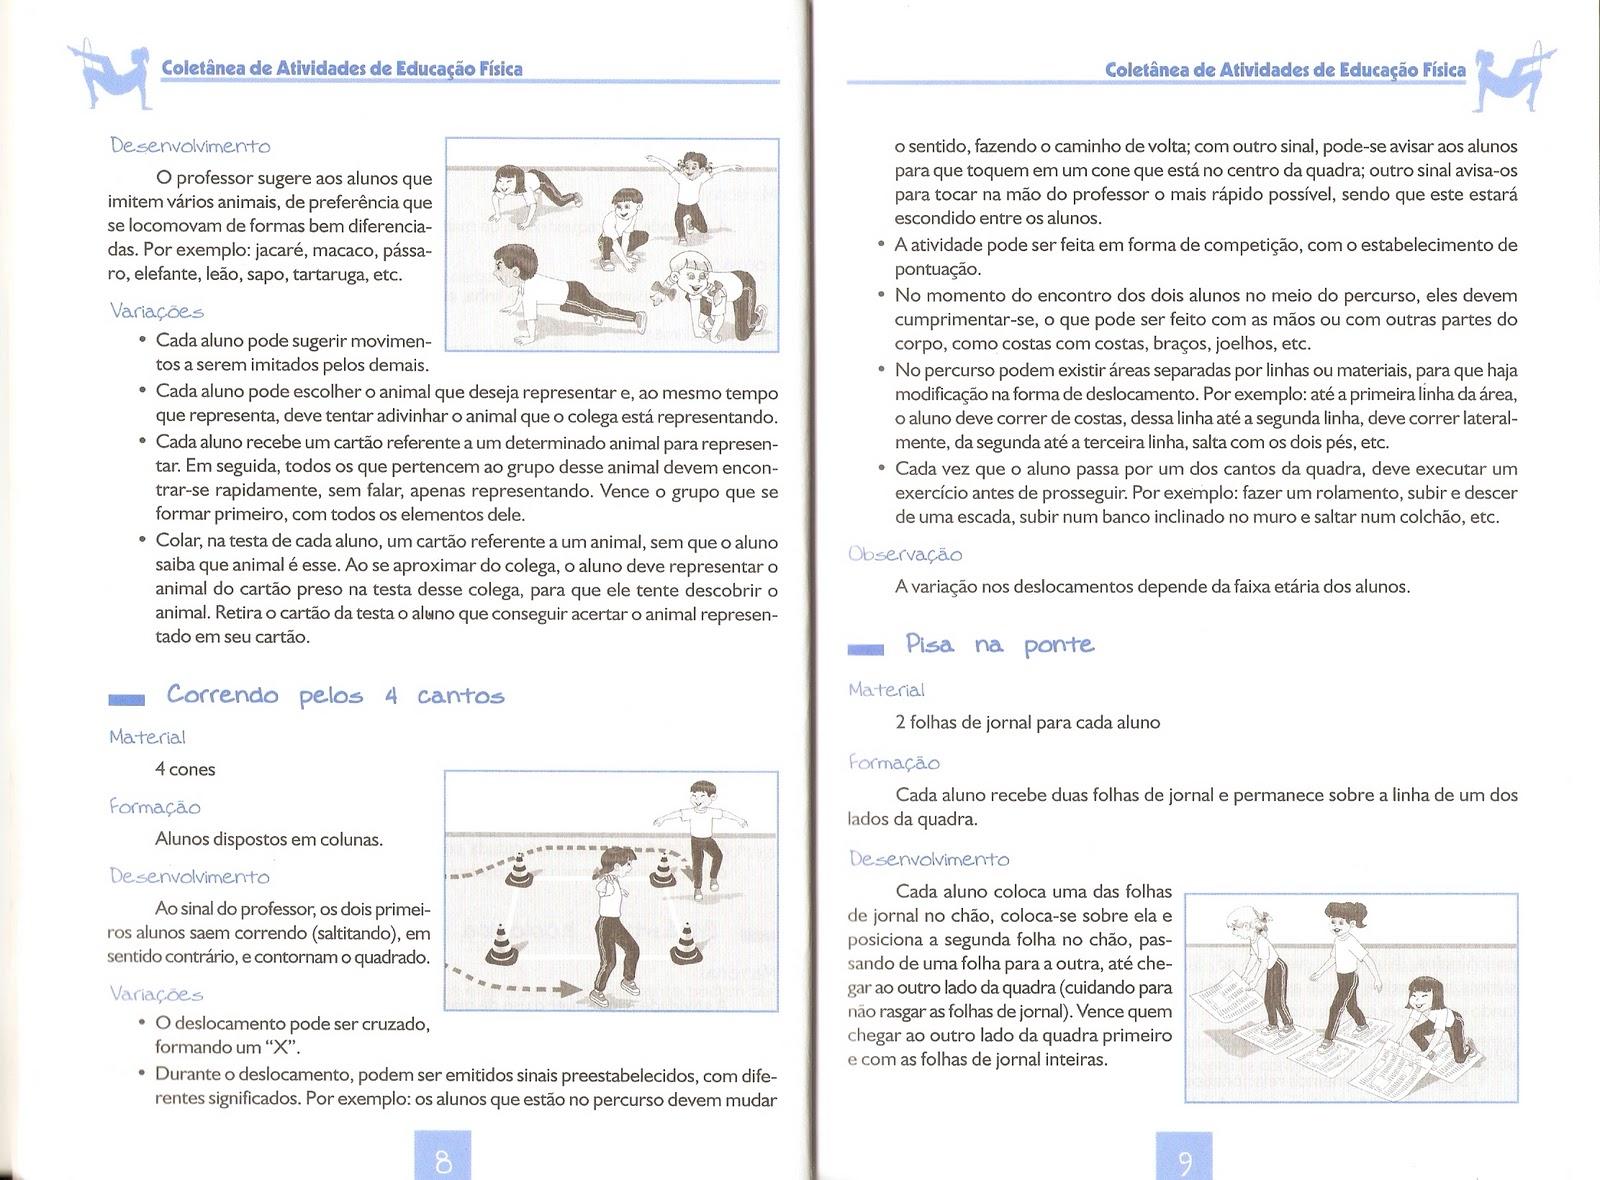 COLETÂNEA DE ATIVIDADES DE EDUCAÇÃO FÍSICA PARA O ENSINO MÉDIO E ENSINO  FUNDAMENTAL - GINÁSTICA VOLUME I E II e085afed2f71a